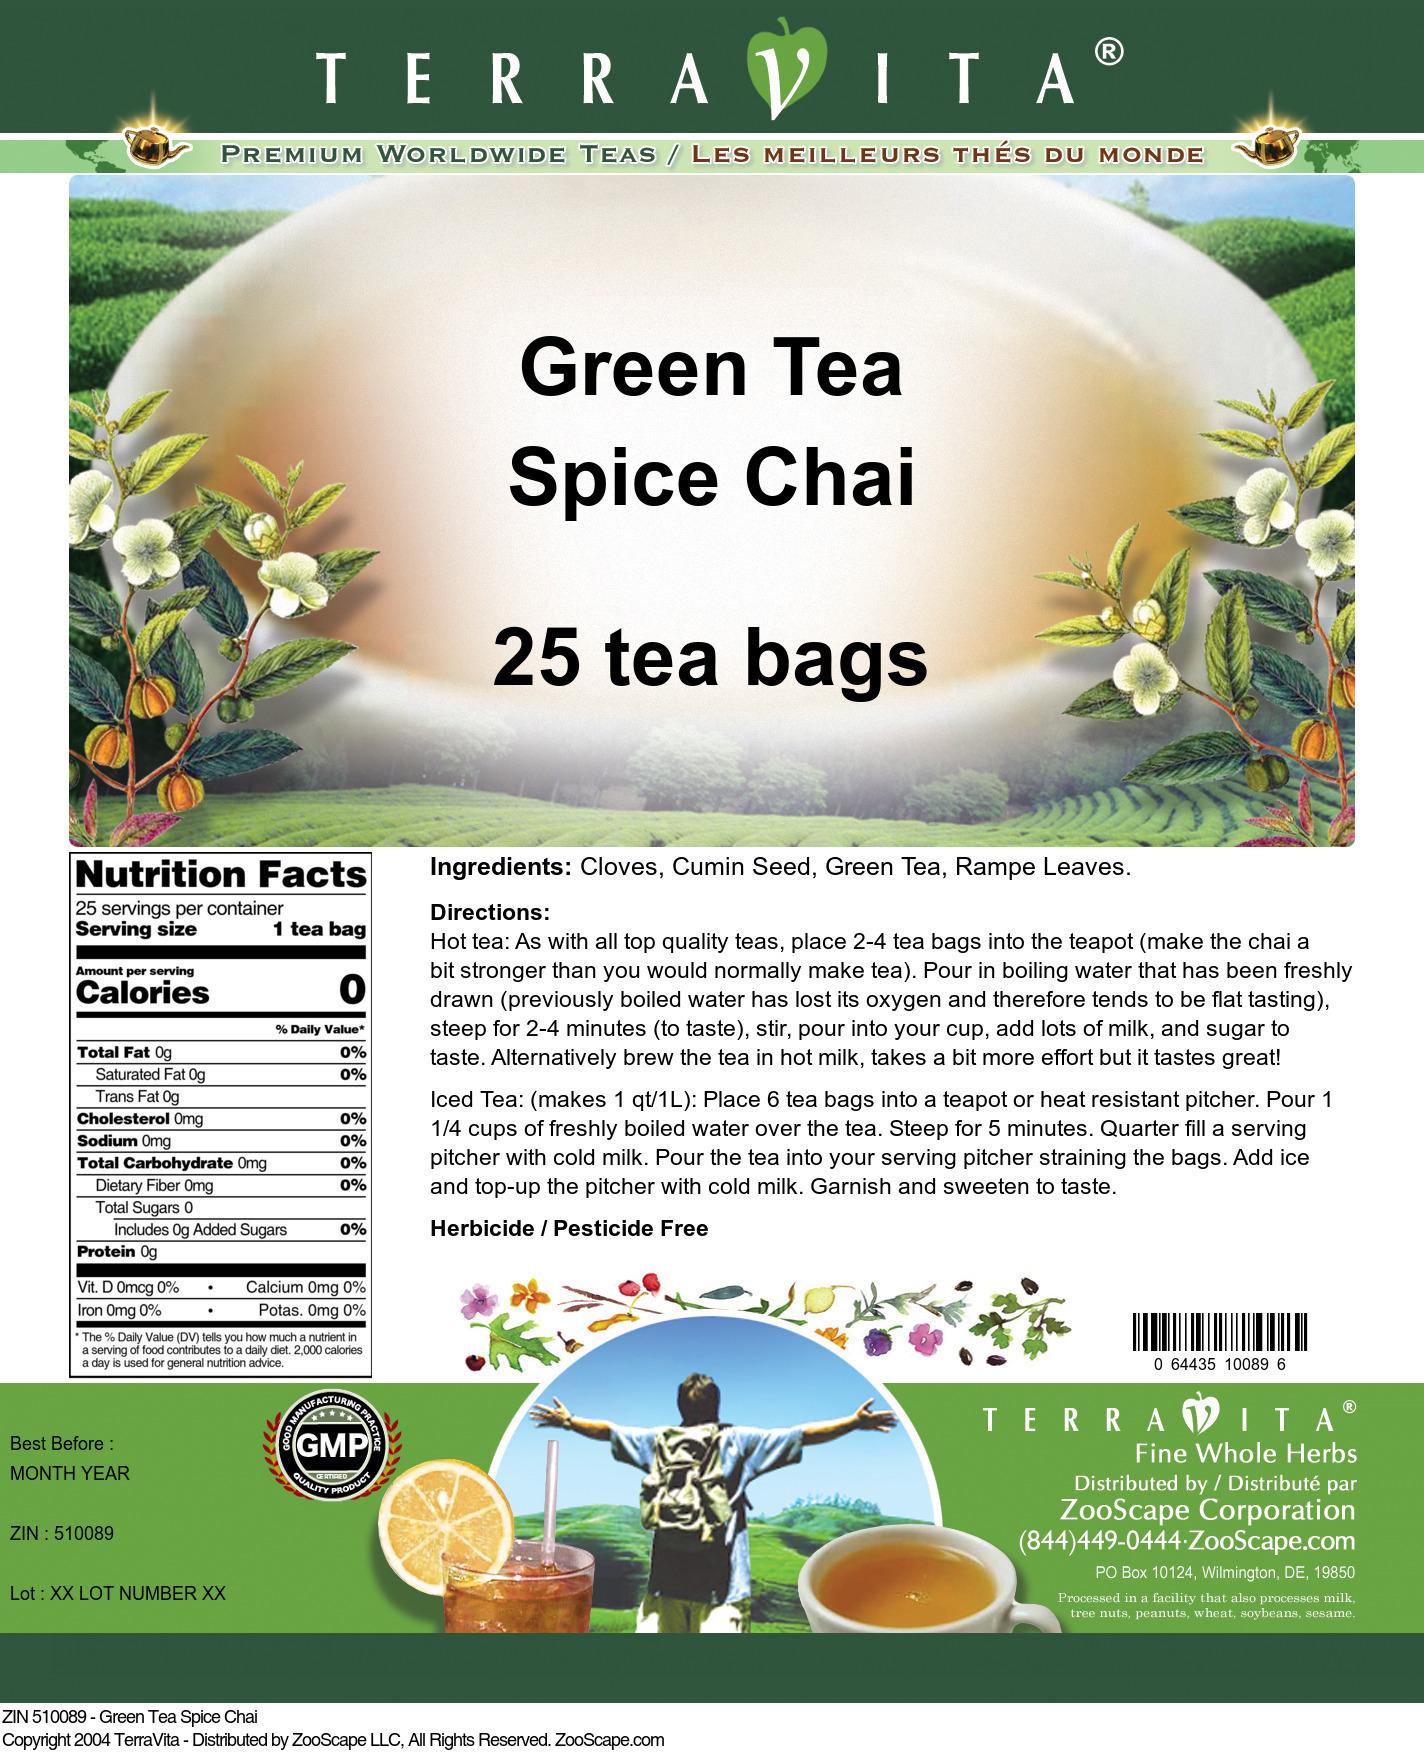 Green Tea Spice Chai - Label